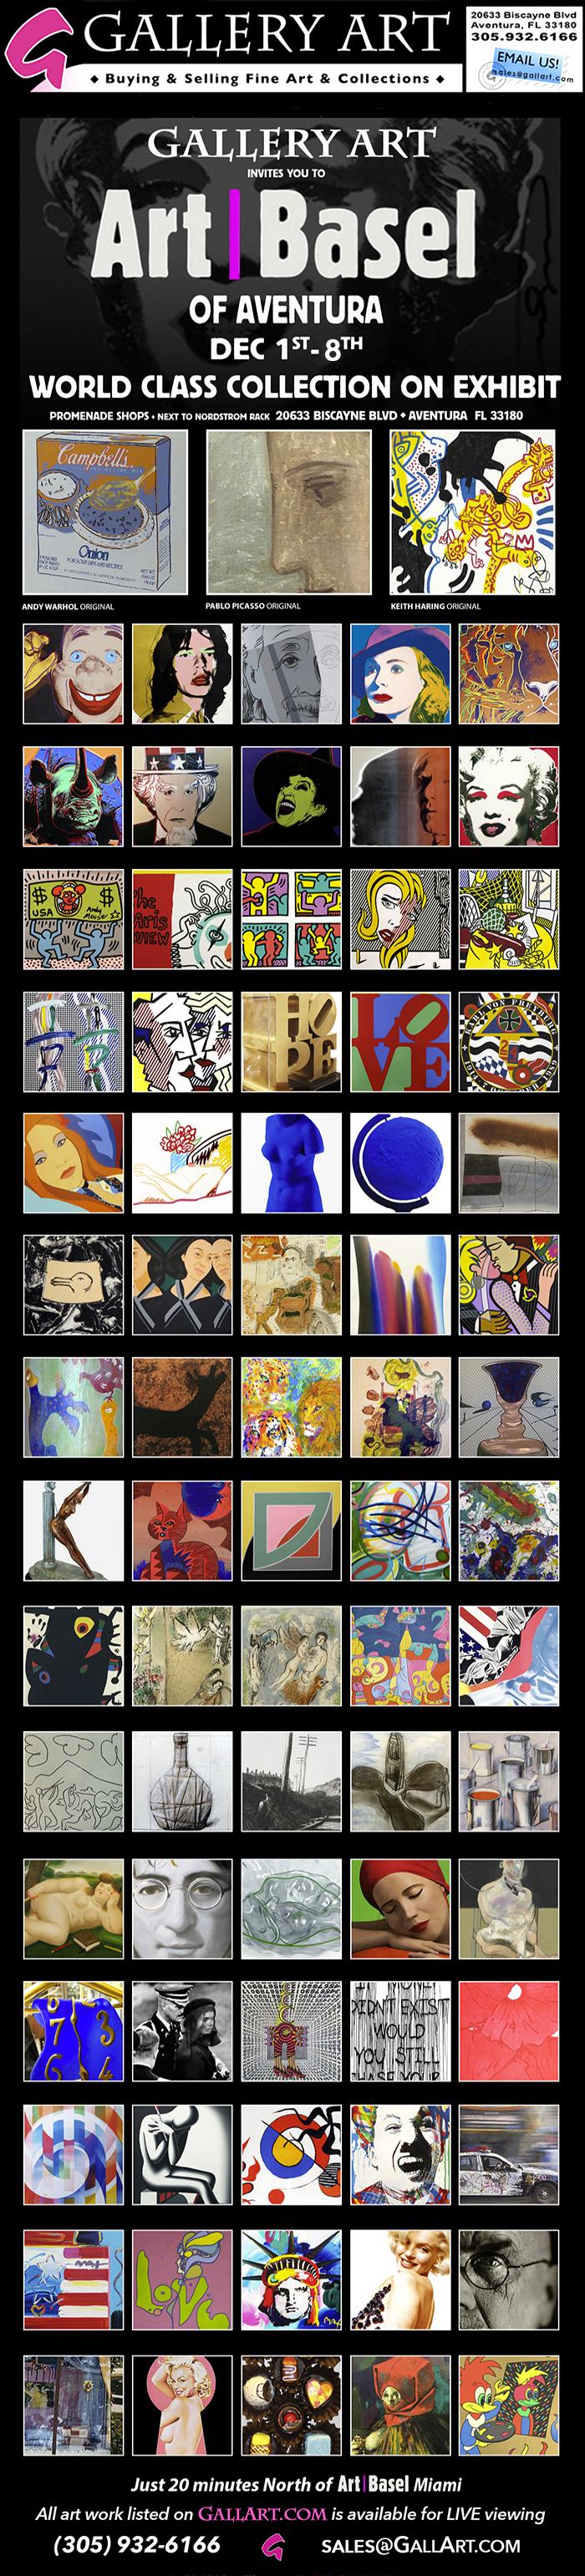 art-basel-collection-v6 (5)